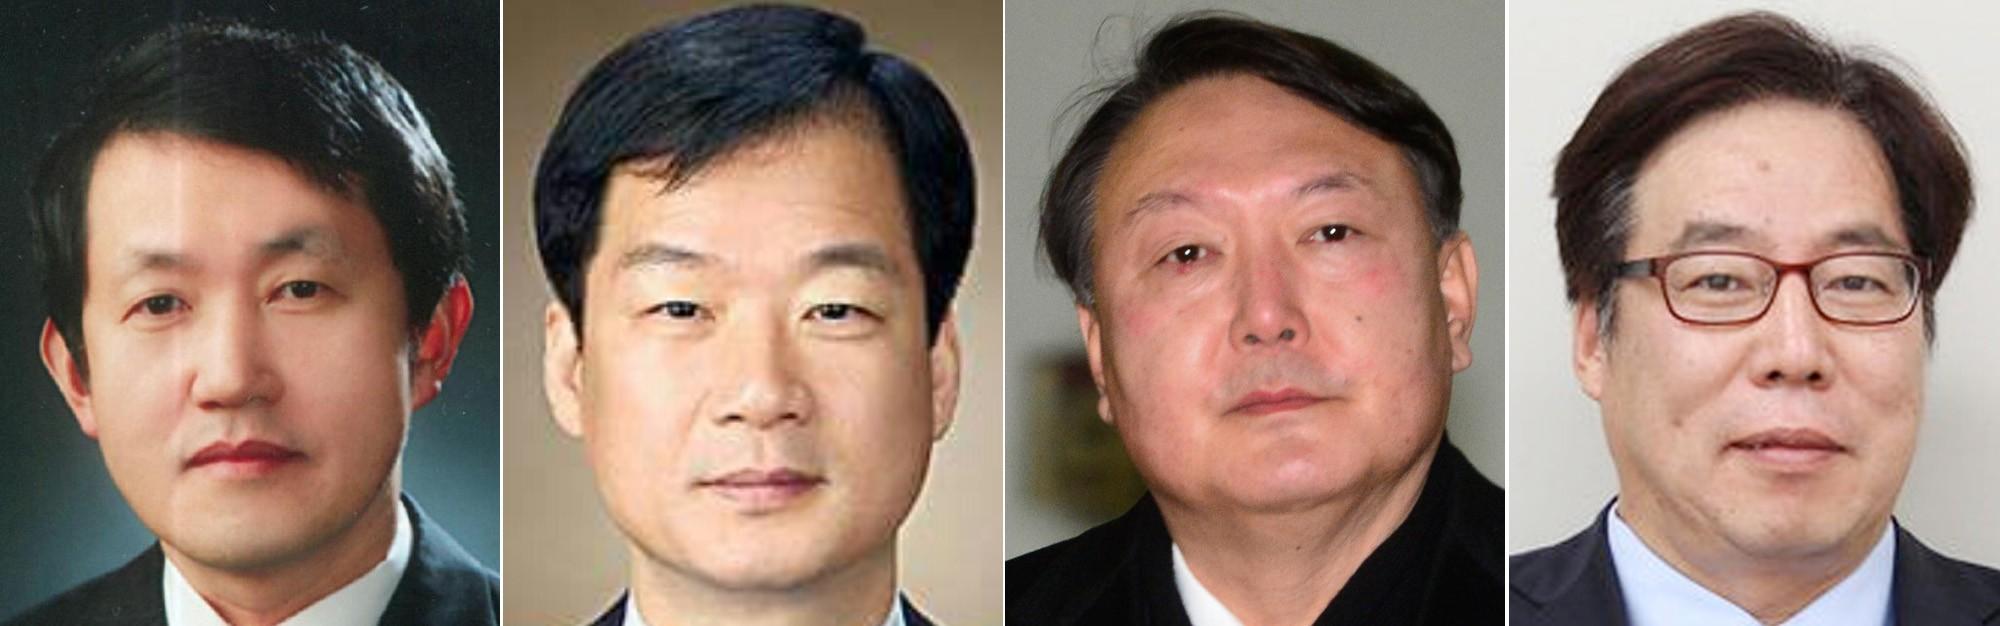 윤석열 유임·윤대진 발탁 '적폐 수사' 힘 싣기